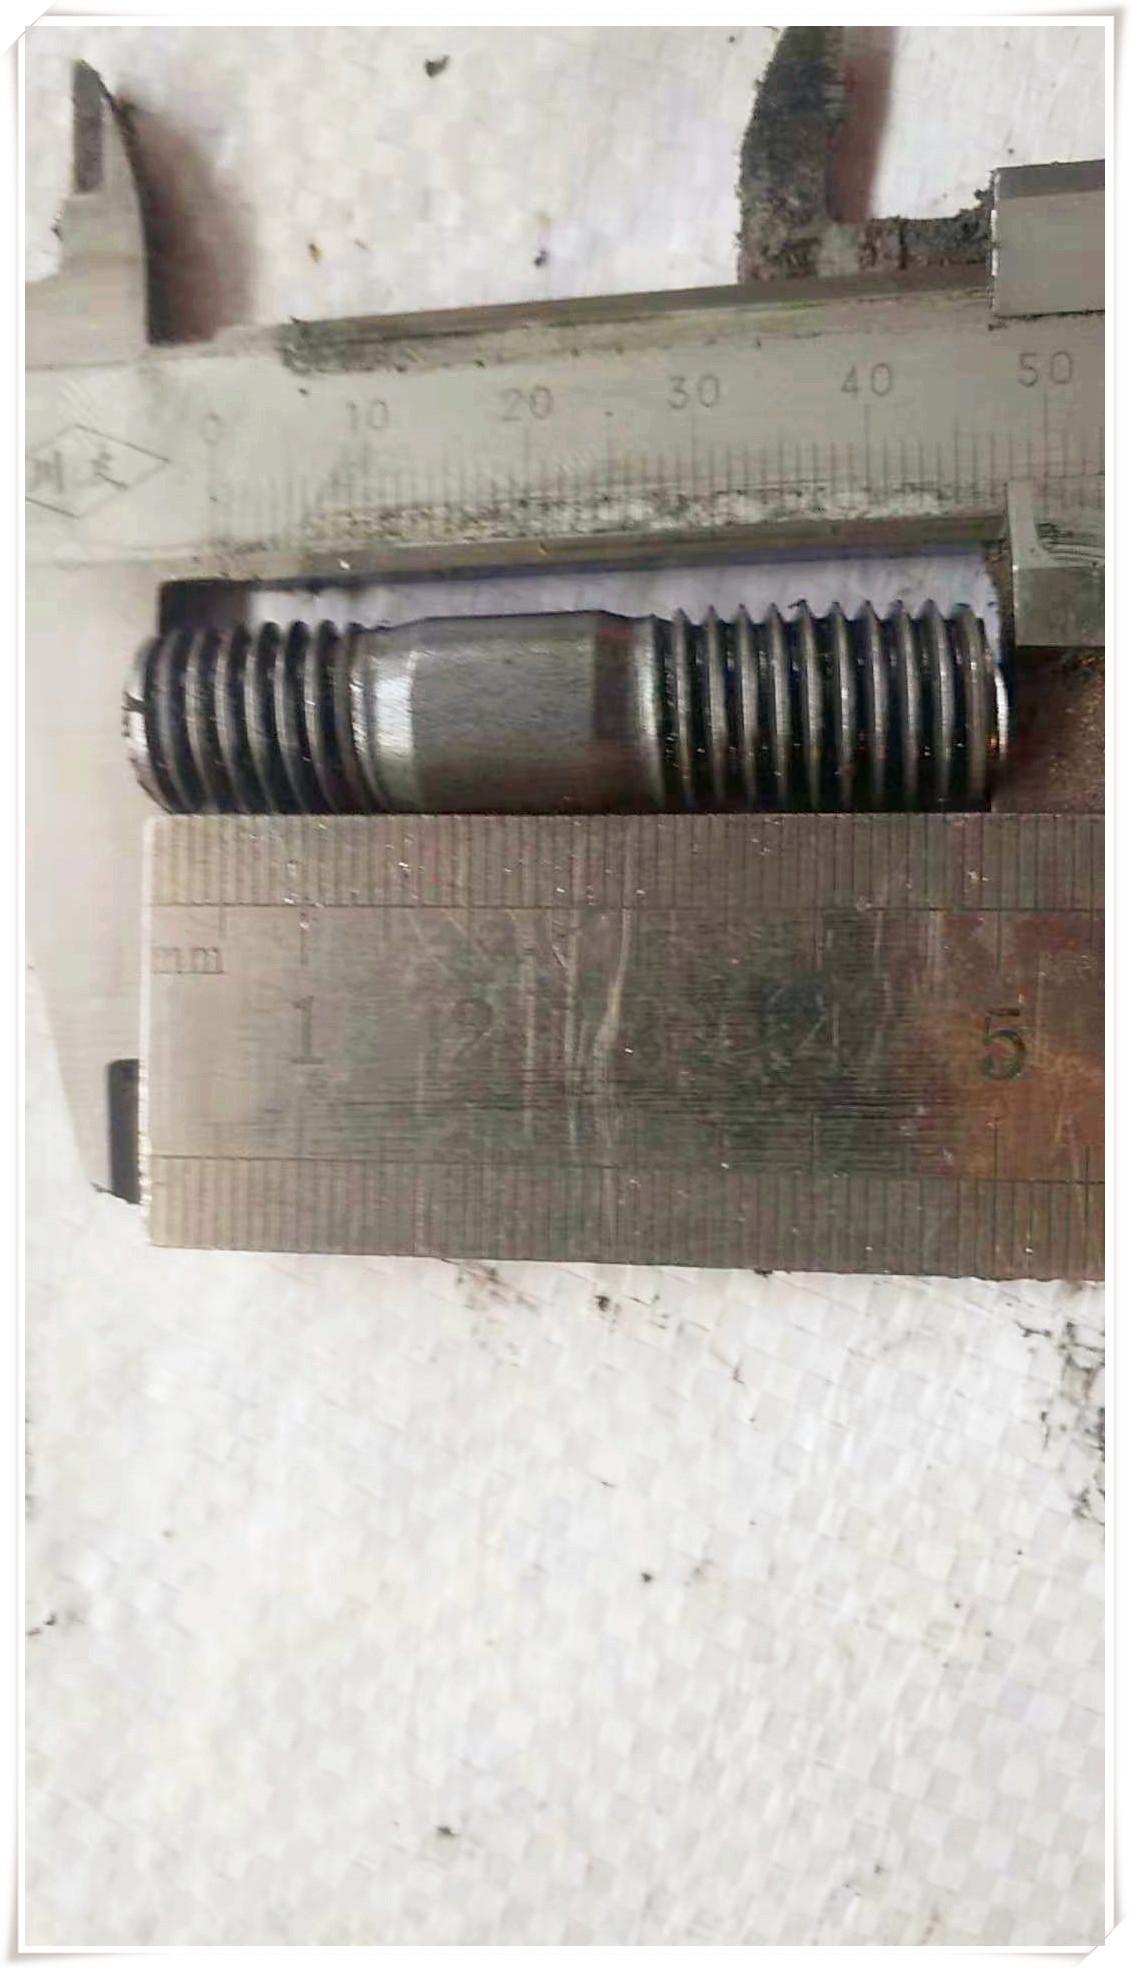 双头螺丝图片/双头螺丝样板图 (1)